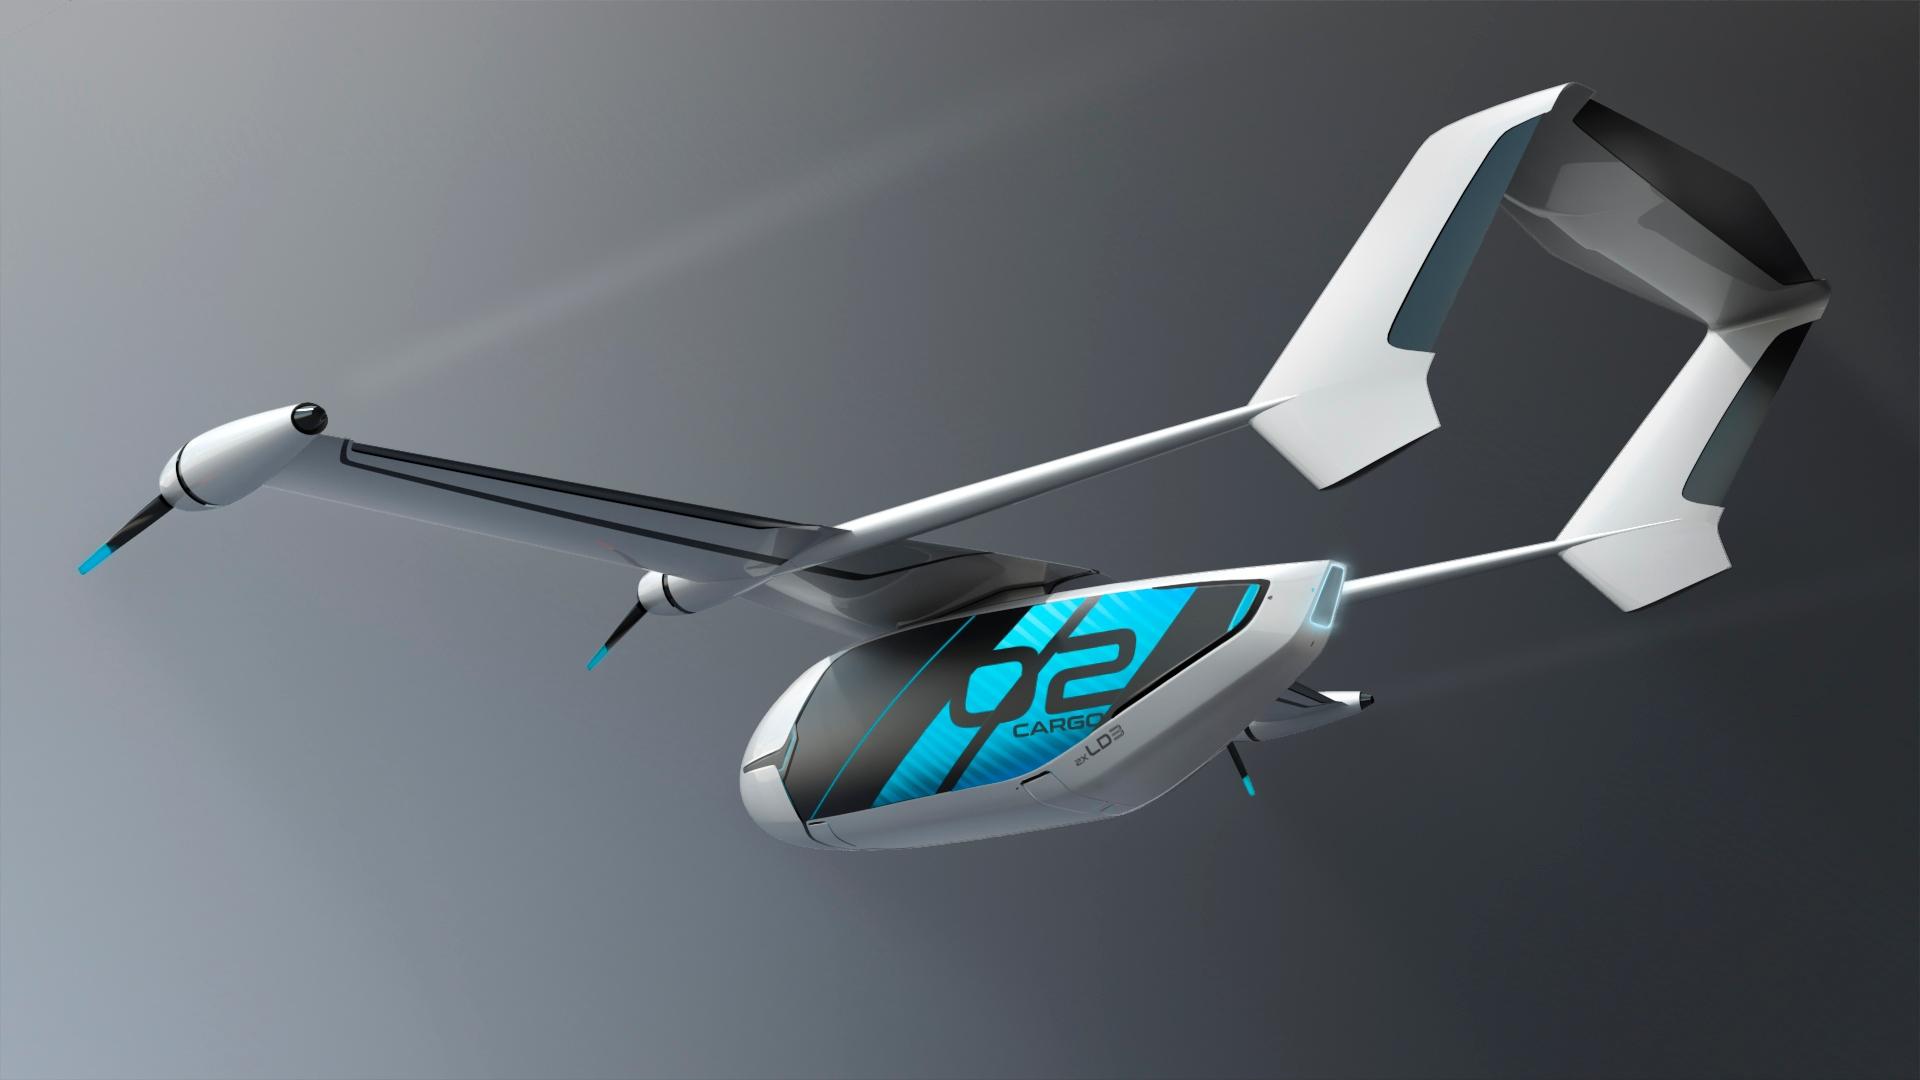 Flexcraft_cargo